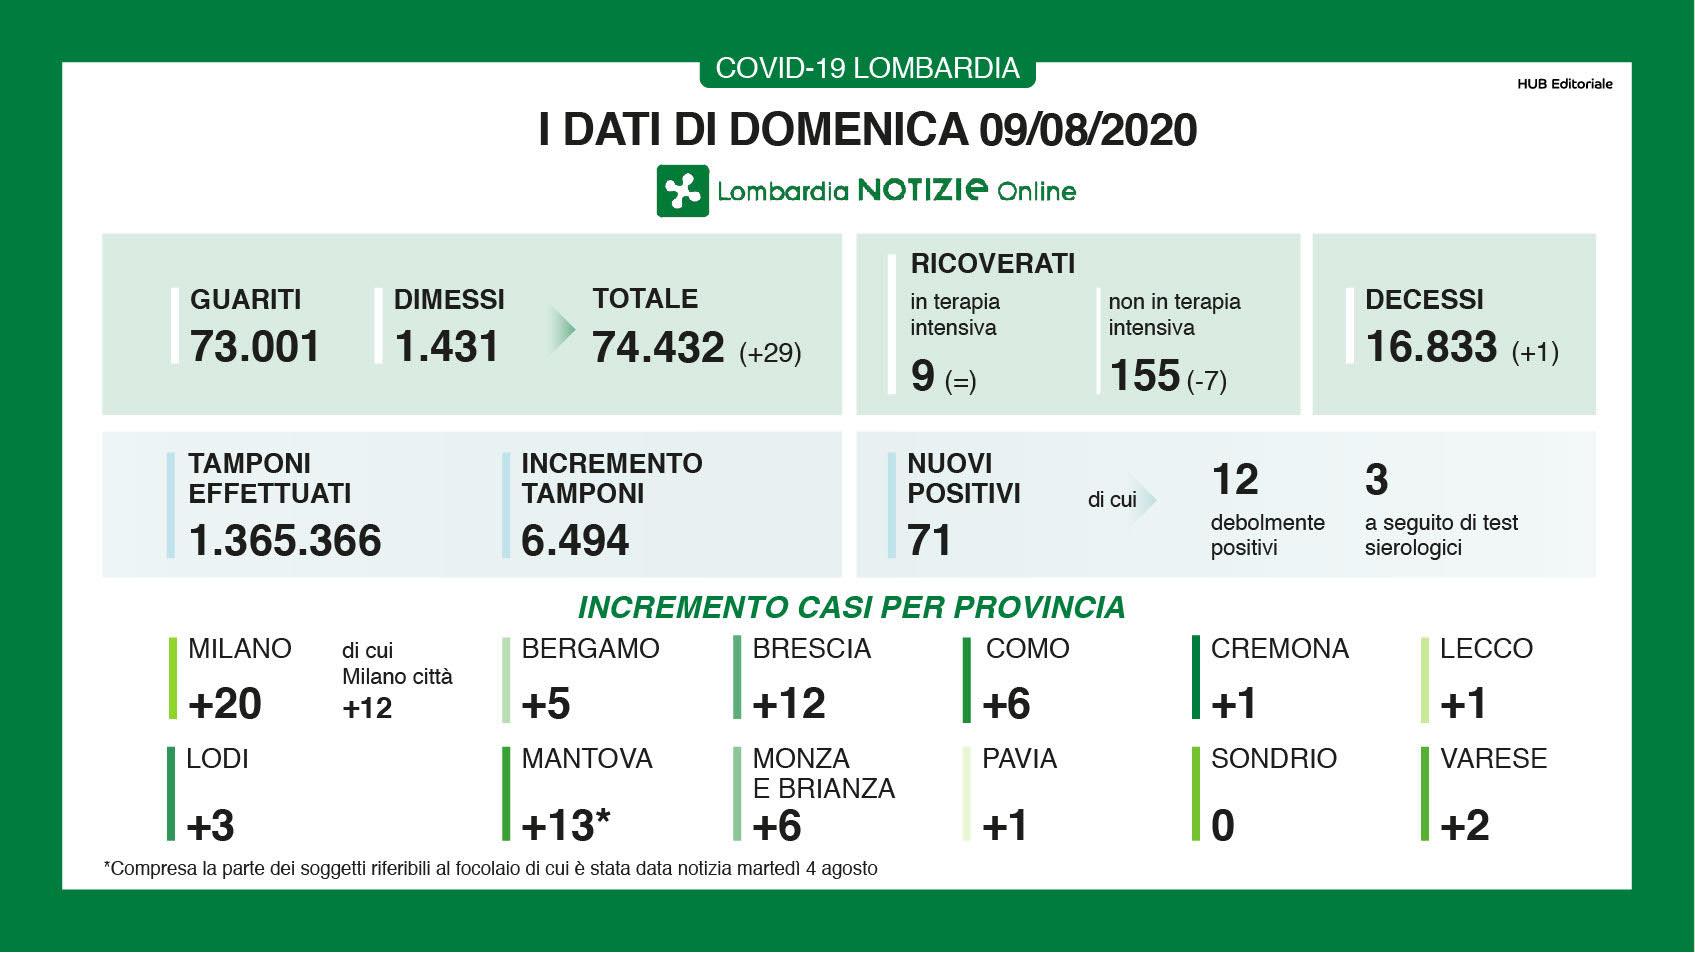 Coronavirus, quattro nuovi casi in provincia di Como. Sono 50 in Lombardia